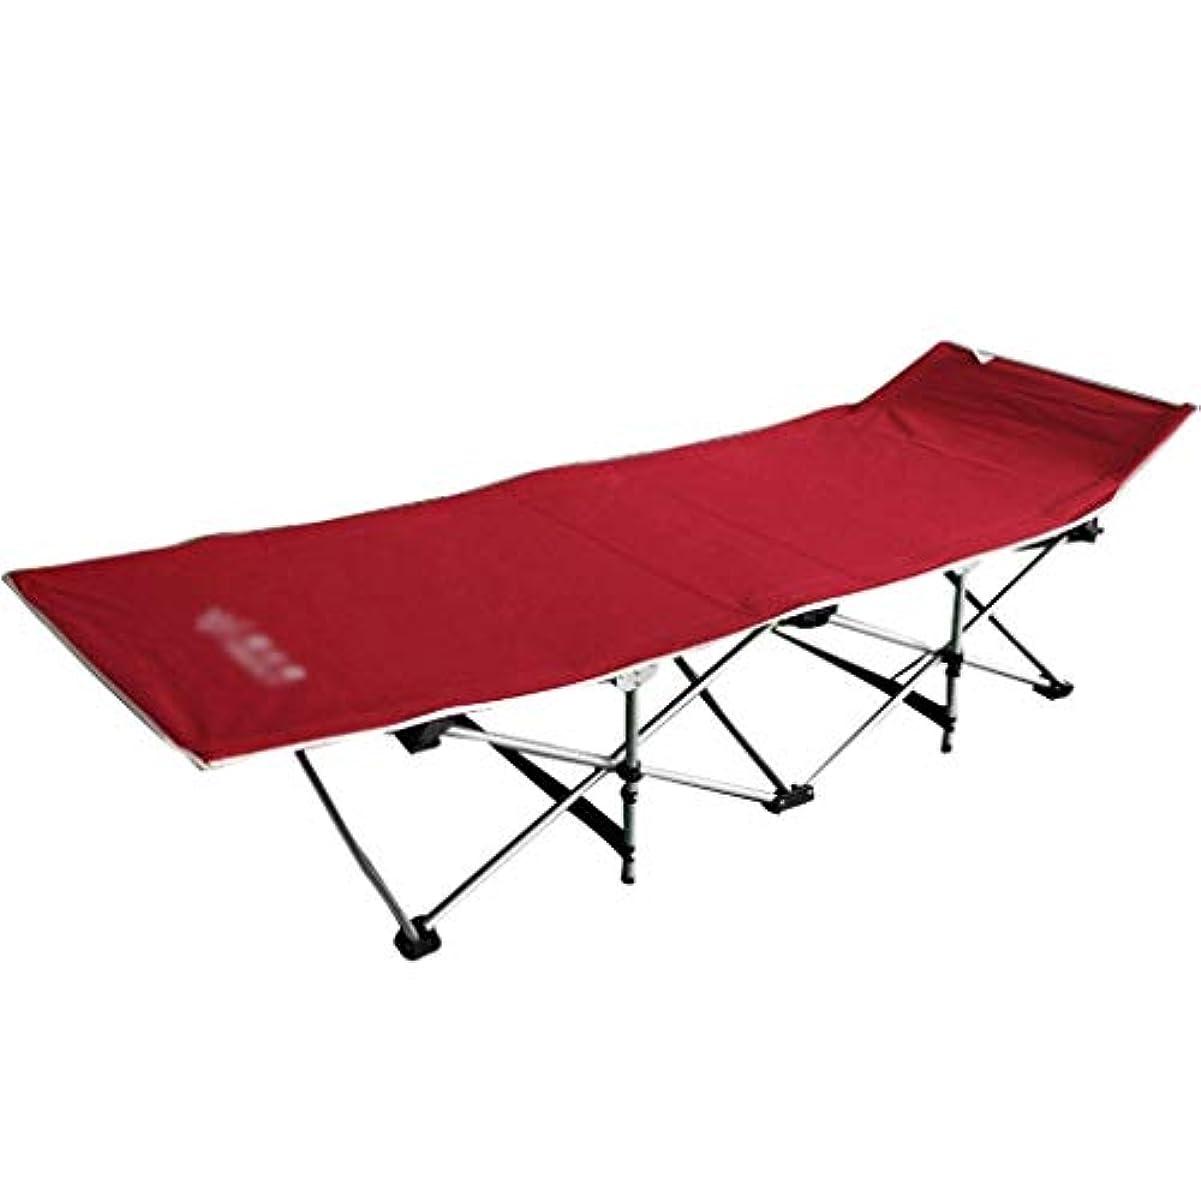 イタリック頂点アラブポータブル折りたたみキャンプベッド旅行屋外用シート人オフィス居眠りベッド補強リクライニングチェア、小さな設置面積、ライト、無料インストール、収納袋を含む (設計 : A)